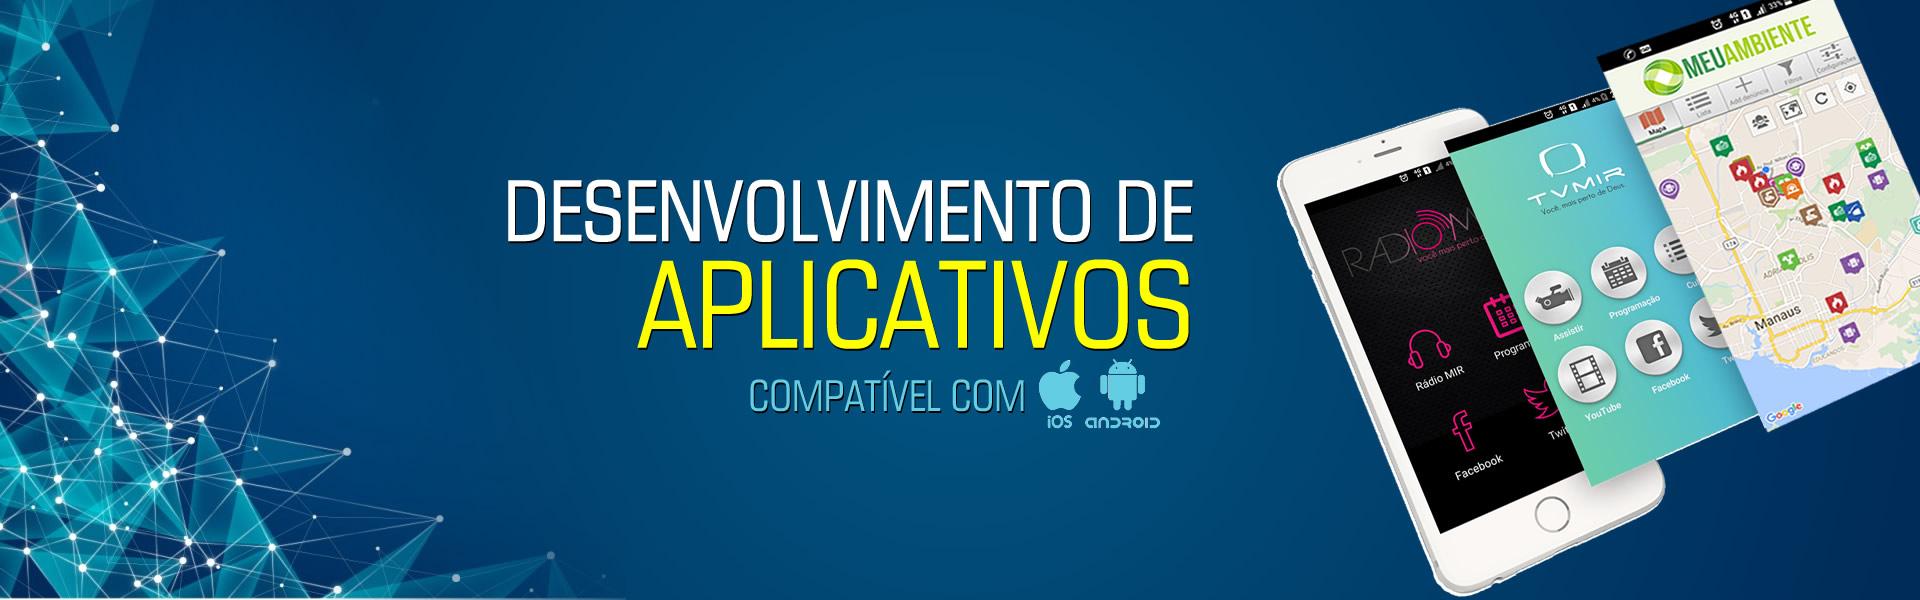 slide-app1